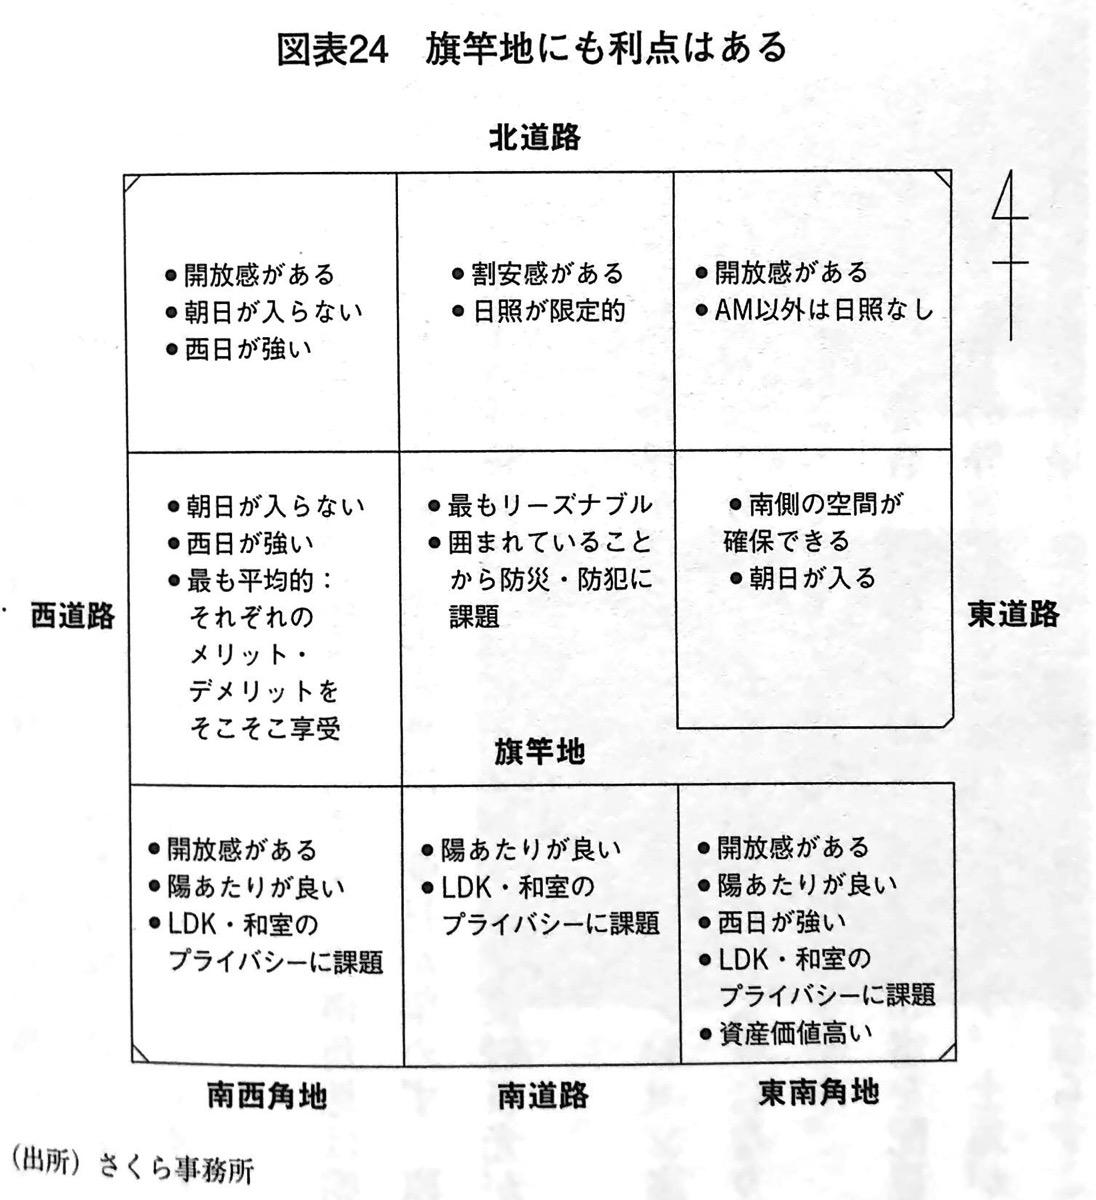 図表24 旗竿地にも利点はある 第5章P156